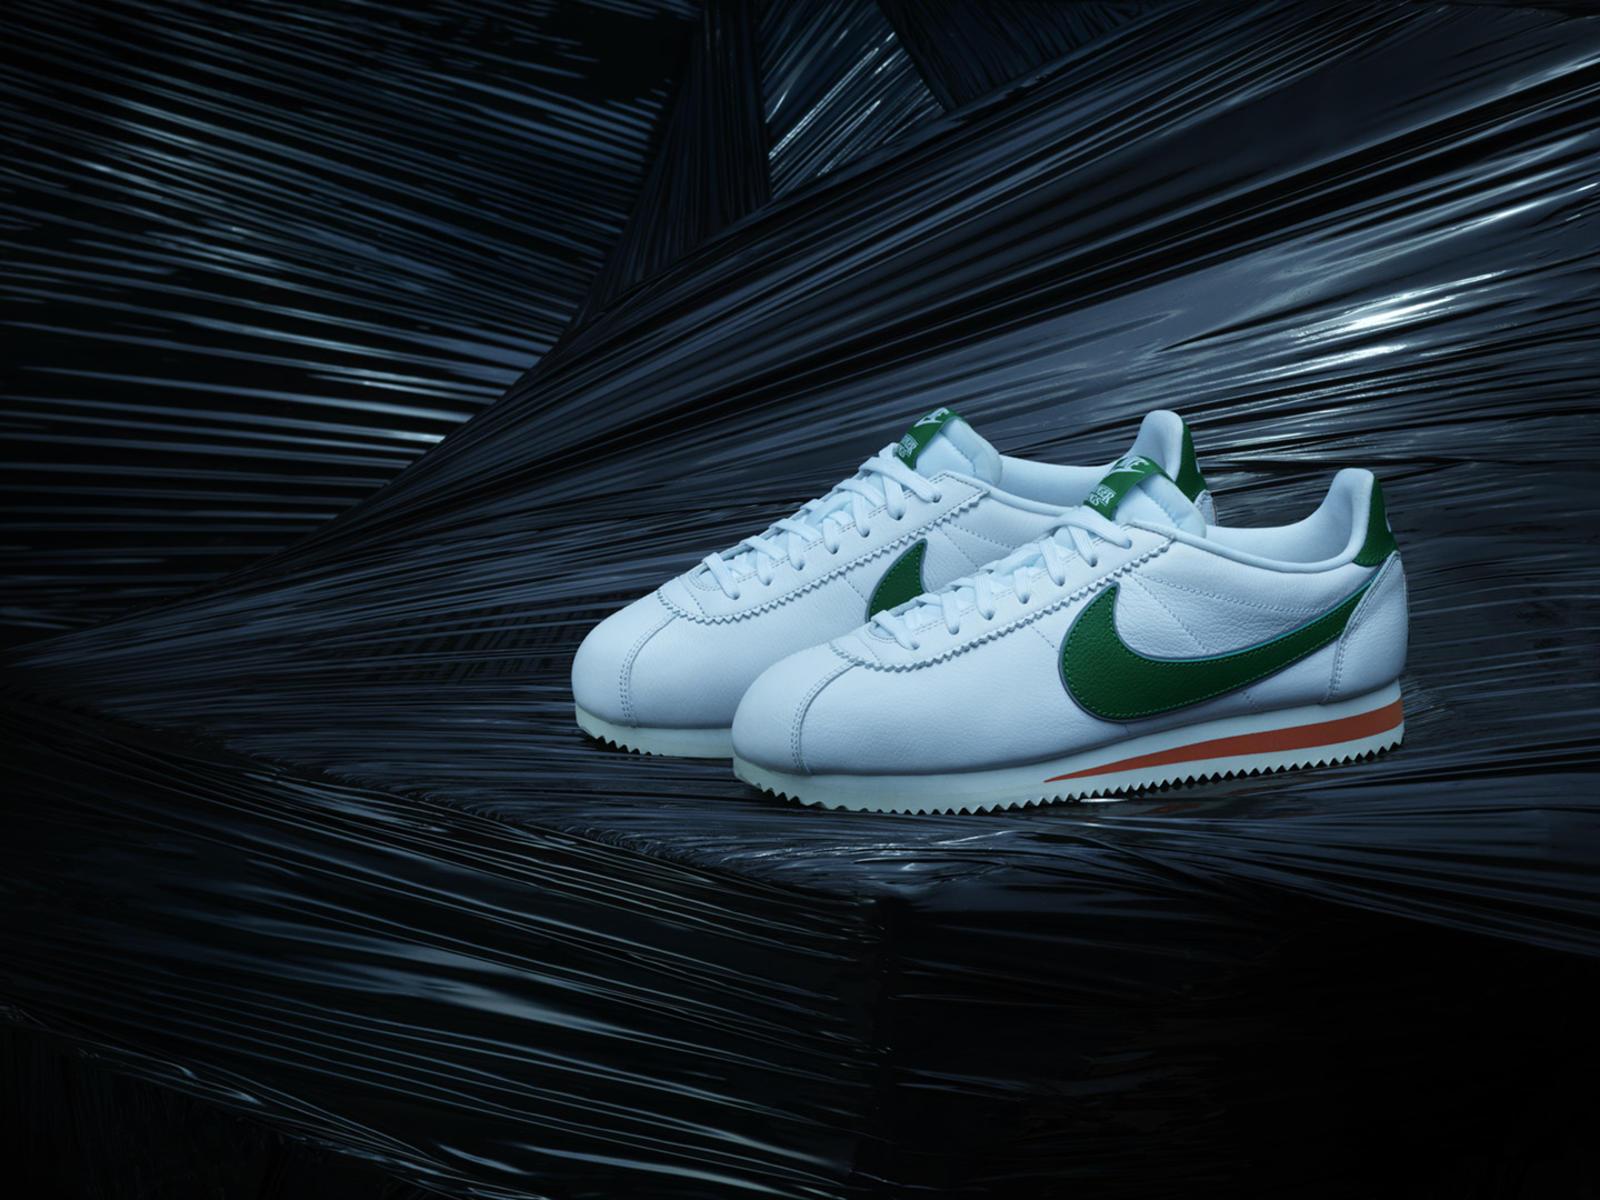 ストレンジャー・シングスの世界へ<br>Nike新コレクションは80年代に注目